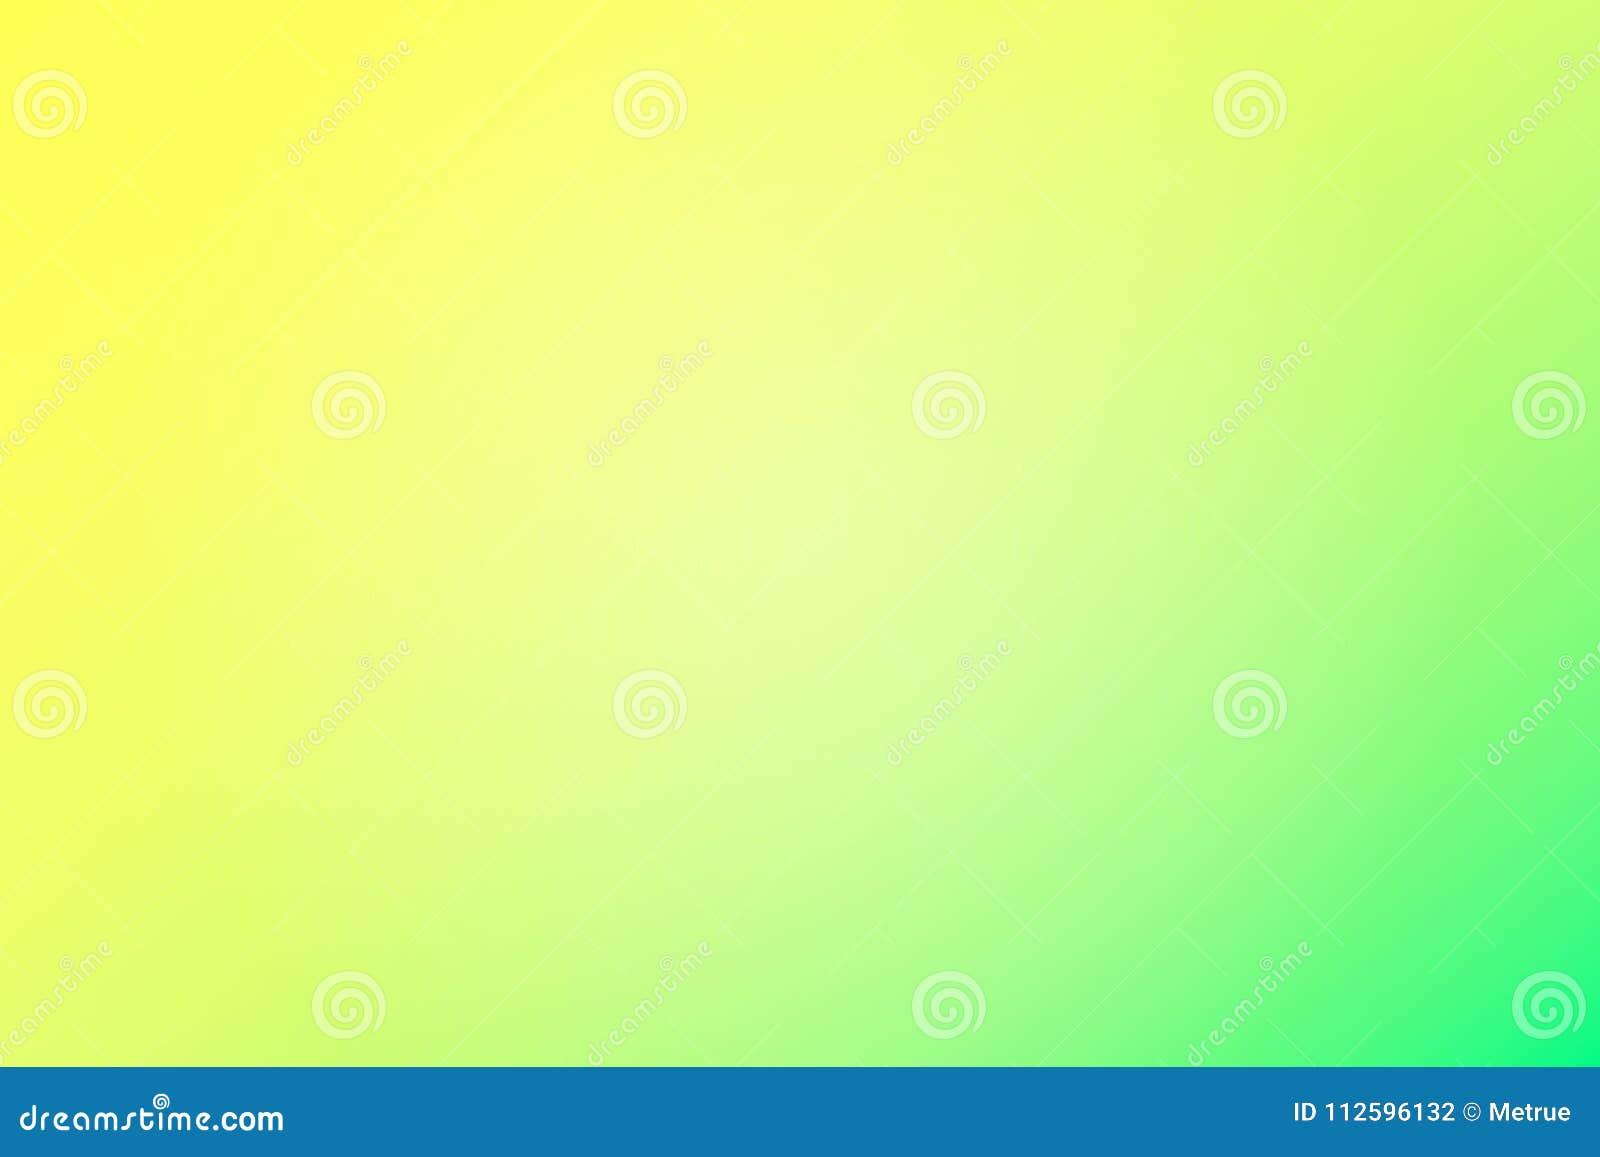 Fond Vif Et Jaune Canari Papier Peint Jaune De Vecteur Et Vert